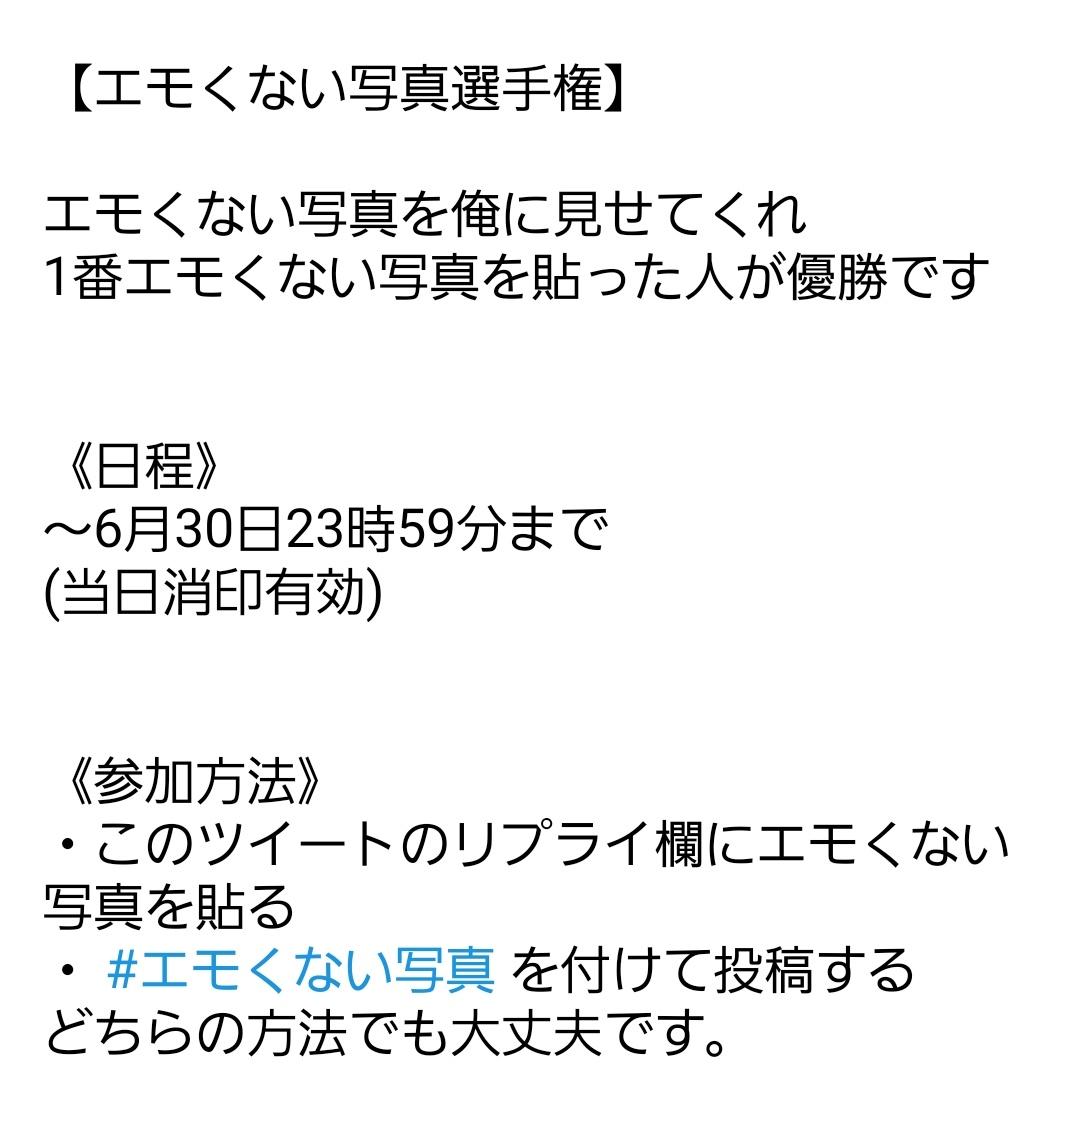 f:id:maeyan8181:20210925200619j:plain